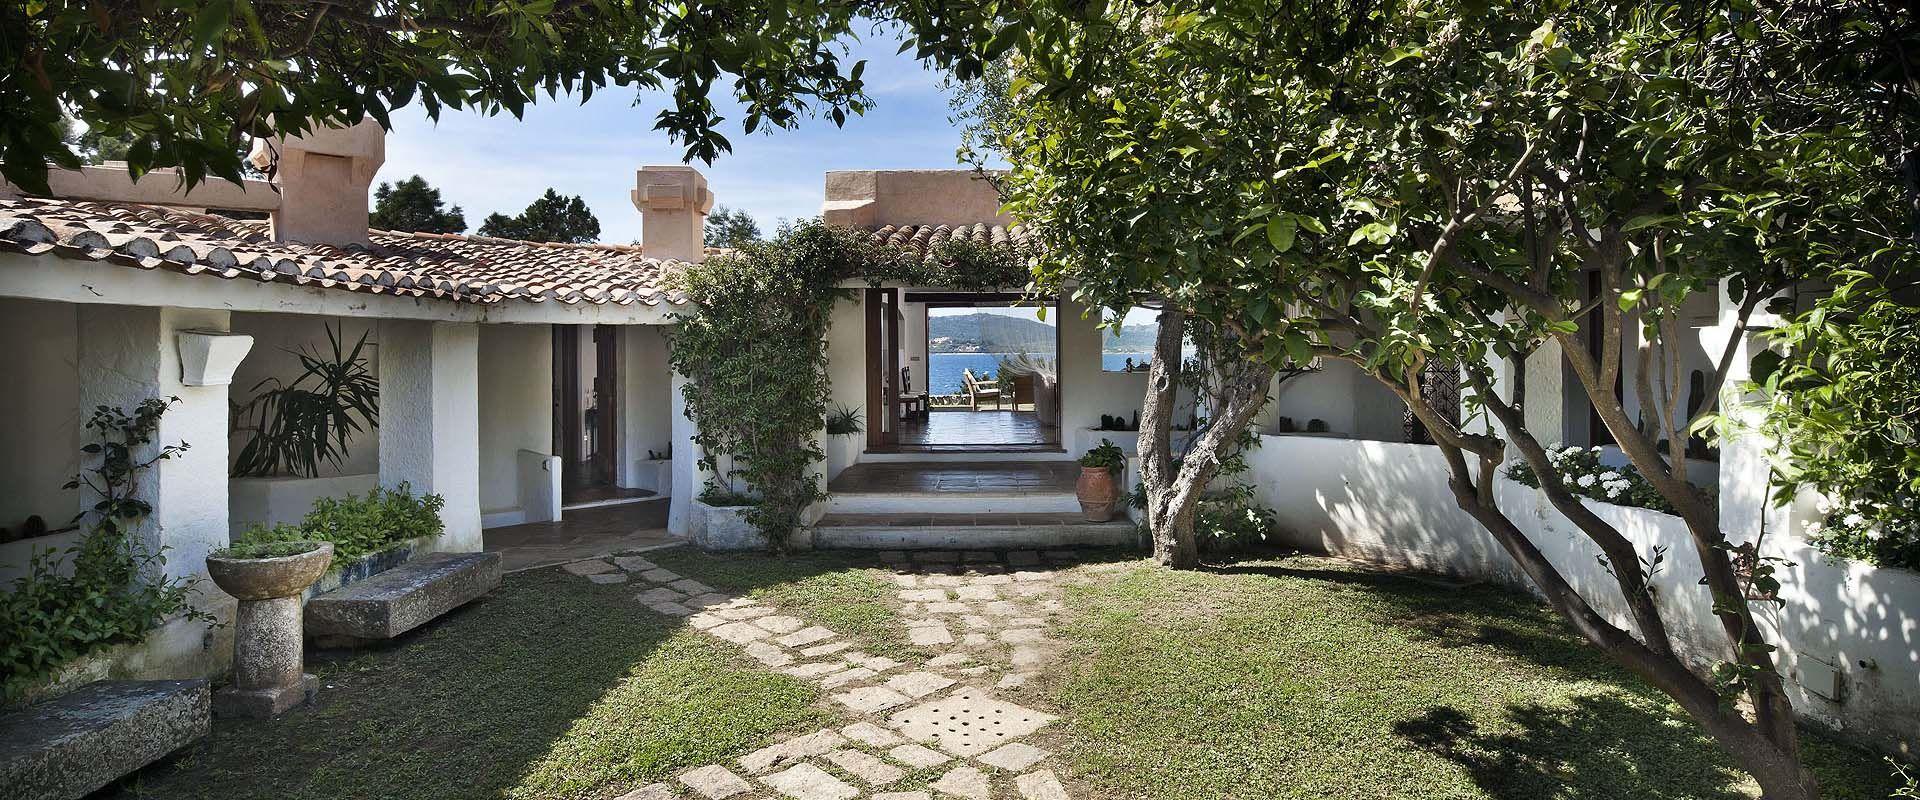 Форум покупка недвижимости в италии